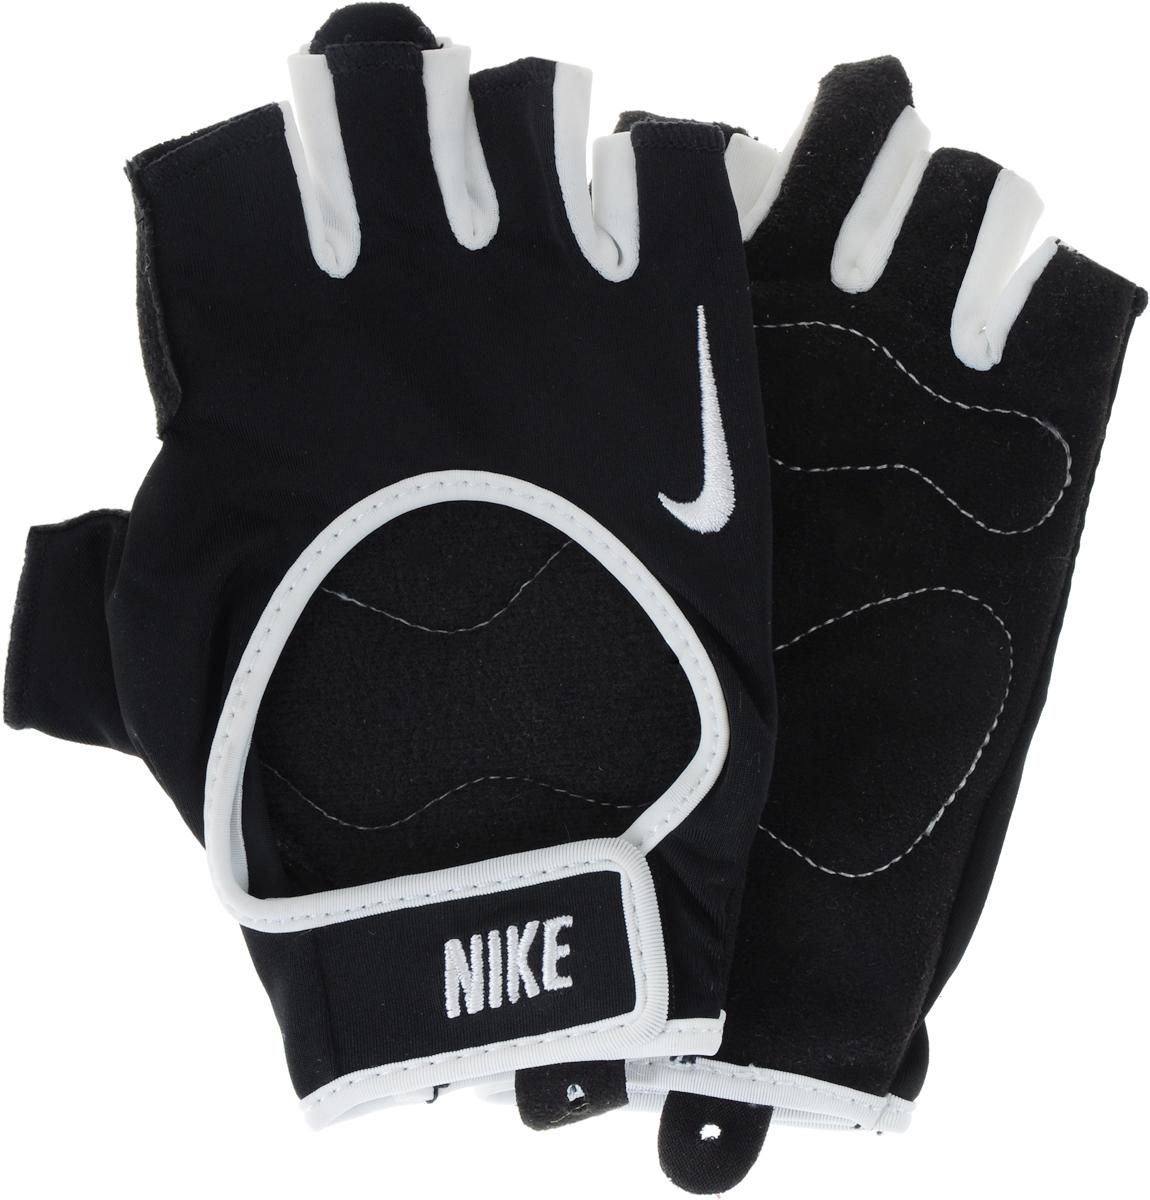 """Перчатки для фитнеса мужские Nike """"Men's Fundamental Training Gloves"""", цвет: черный. Размер XS"""